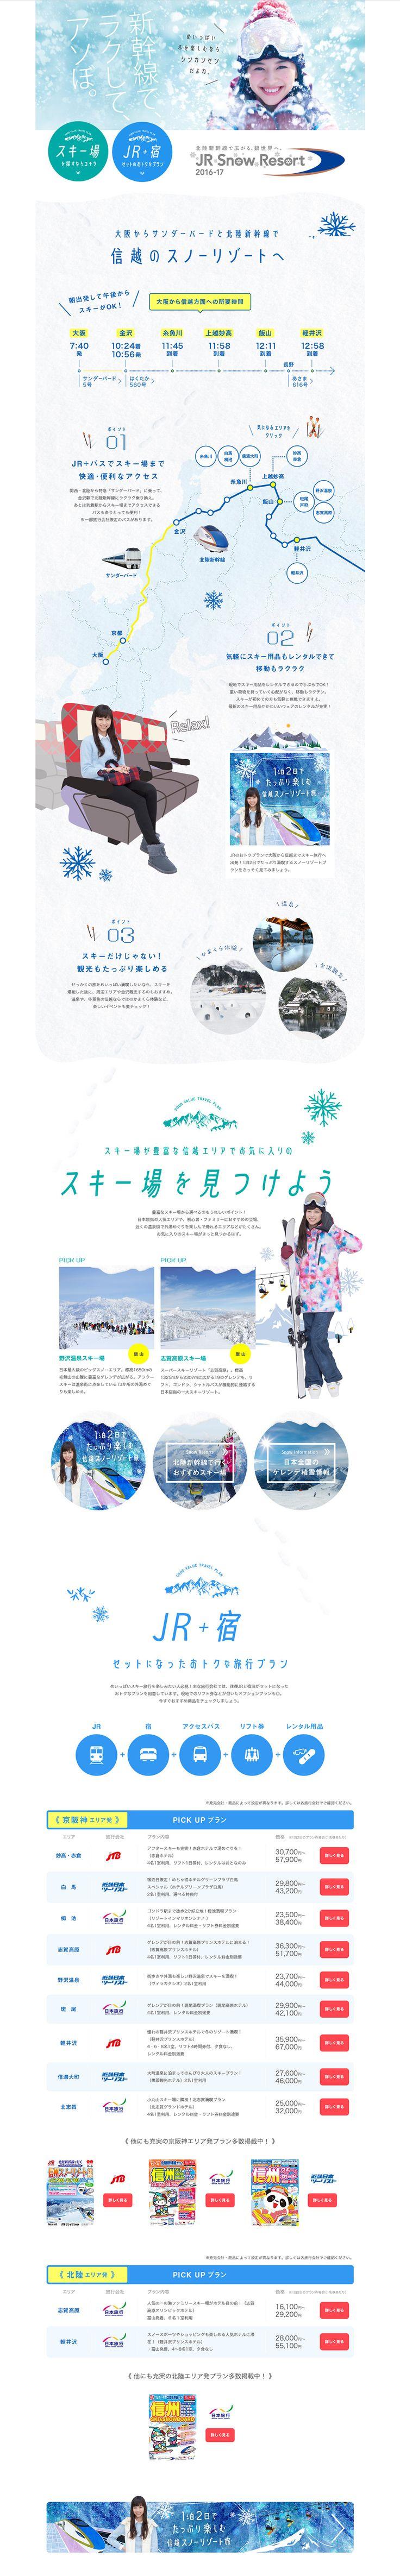 JRスノーリゾート2016-17 WINTER【サービス関連】のLPデザイン。WEBデザイナーさん必見!ランディングページのデザイン参考に(かわいい系)